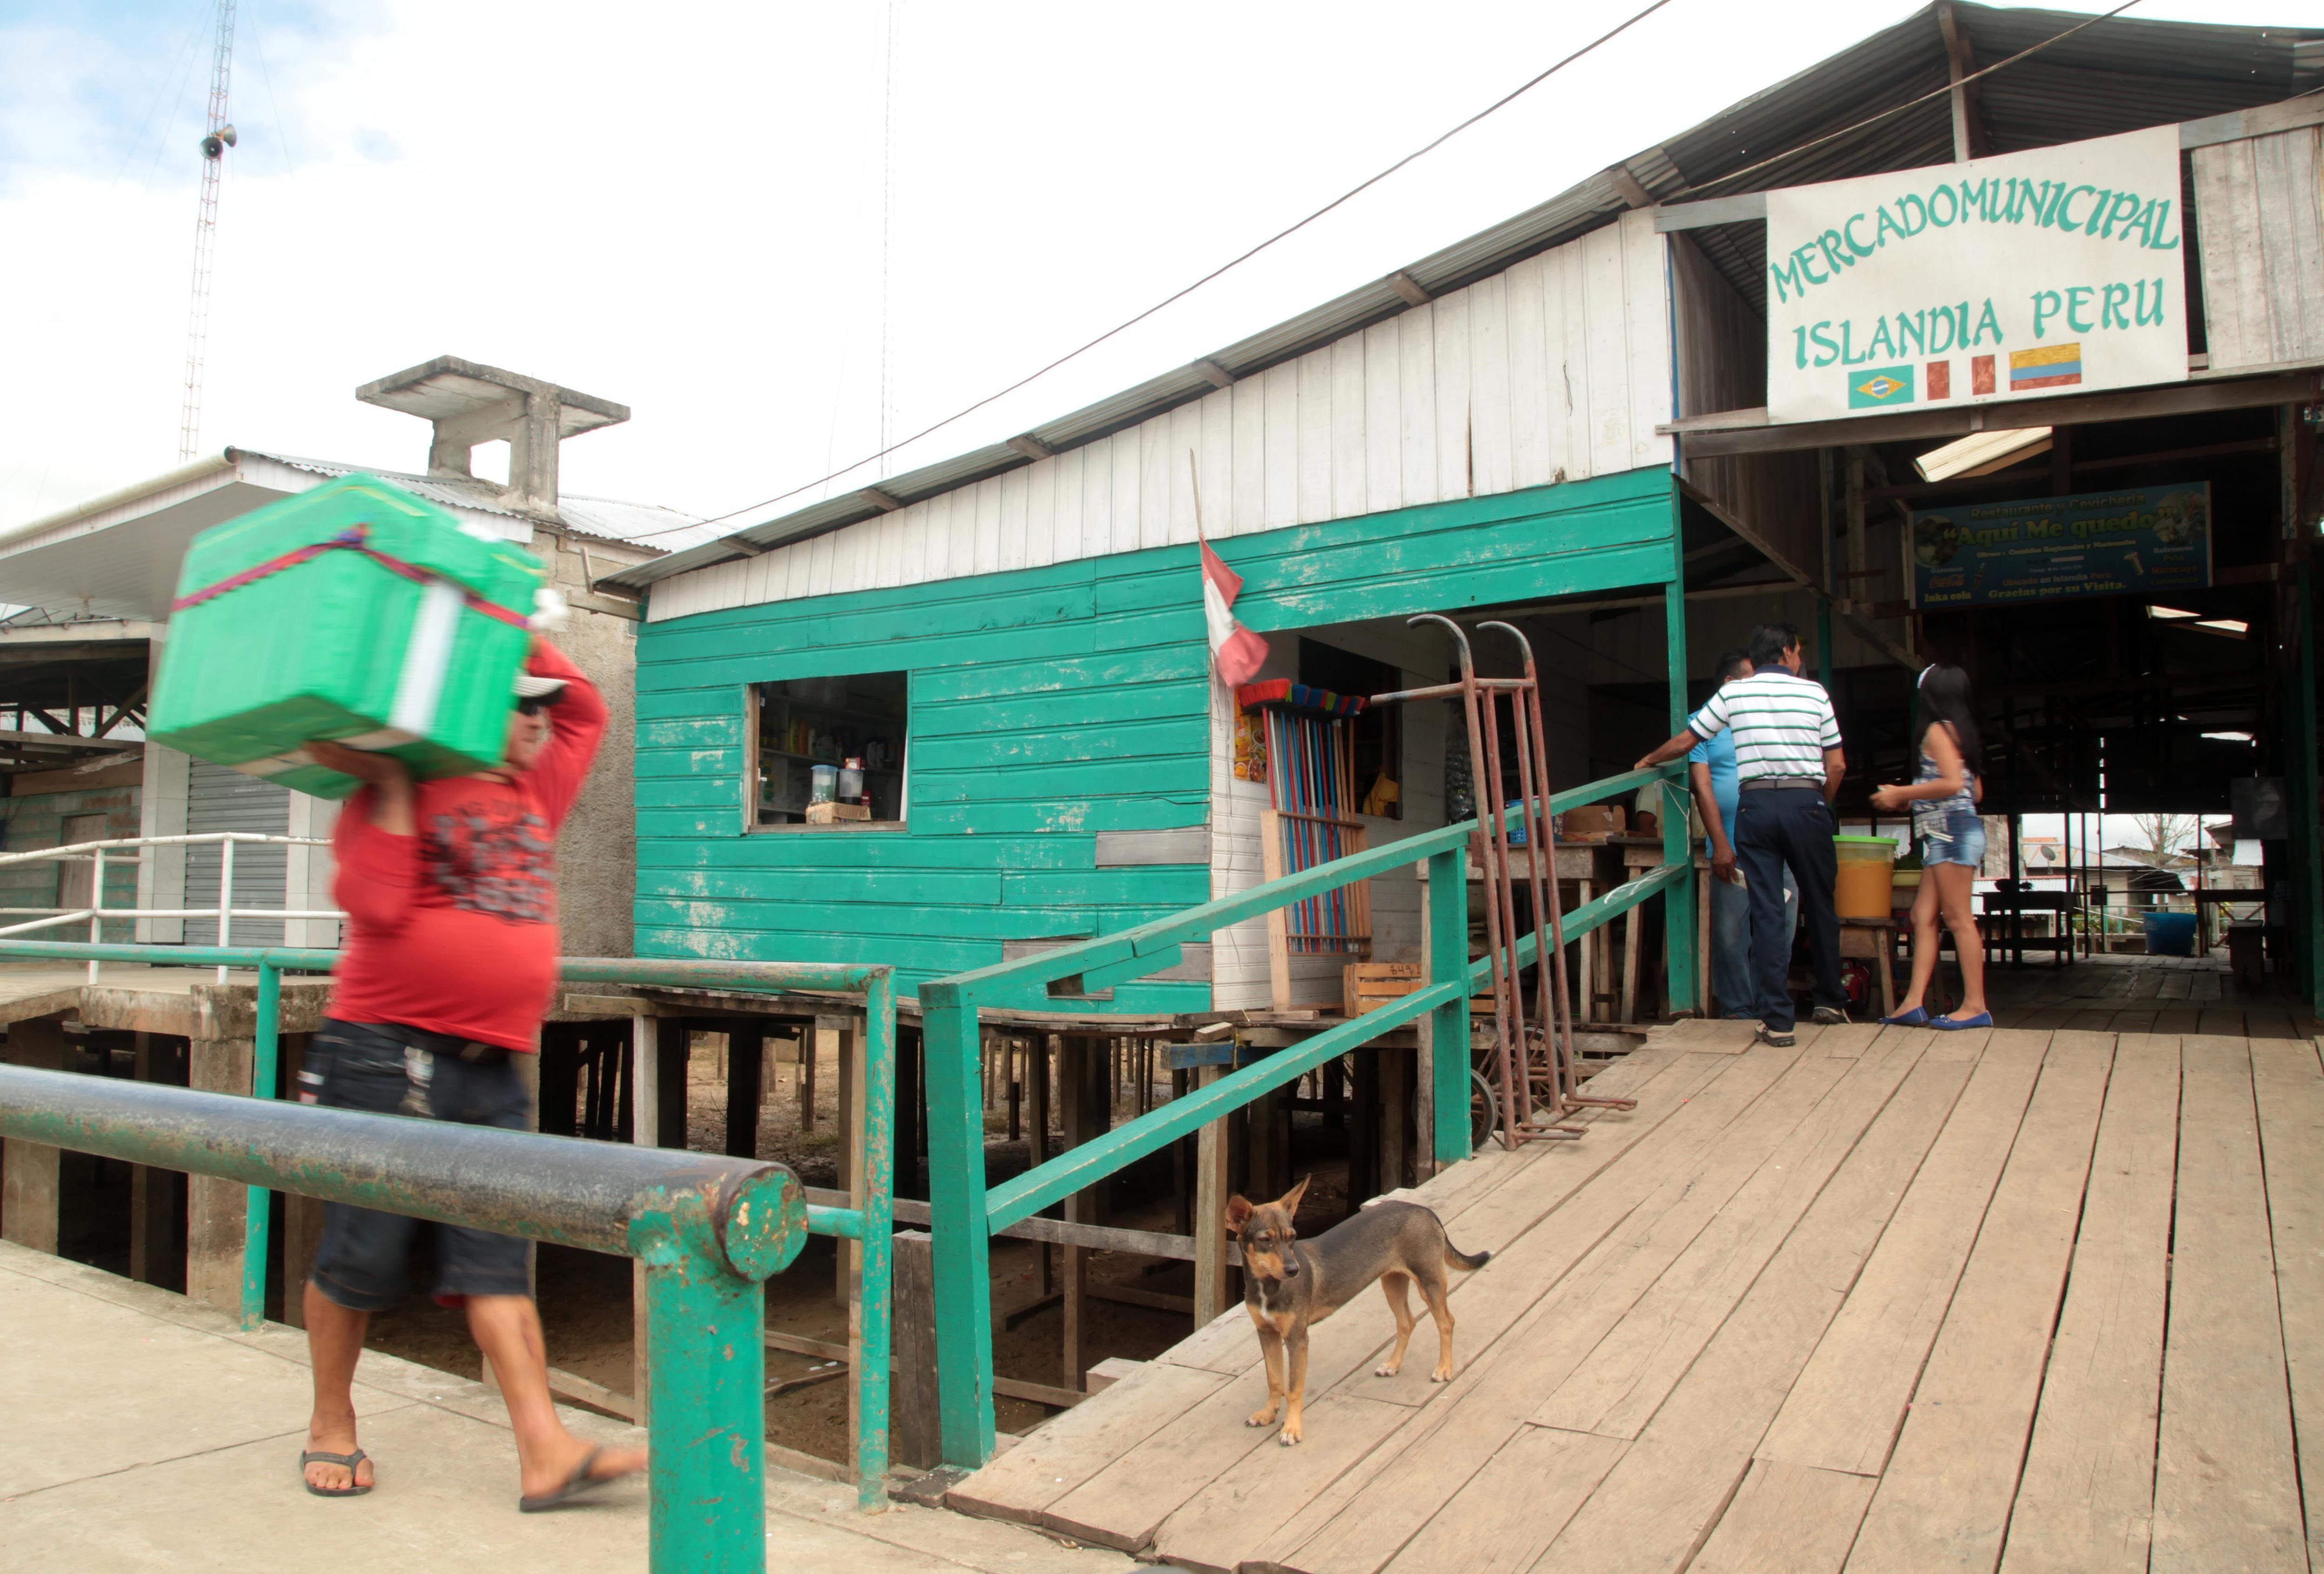 La localidad cuenta con un mercado que está suspendido para evitar inundaciones